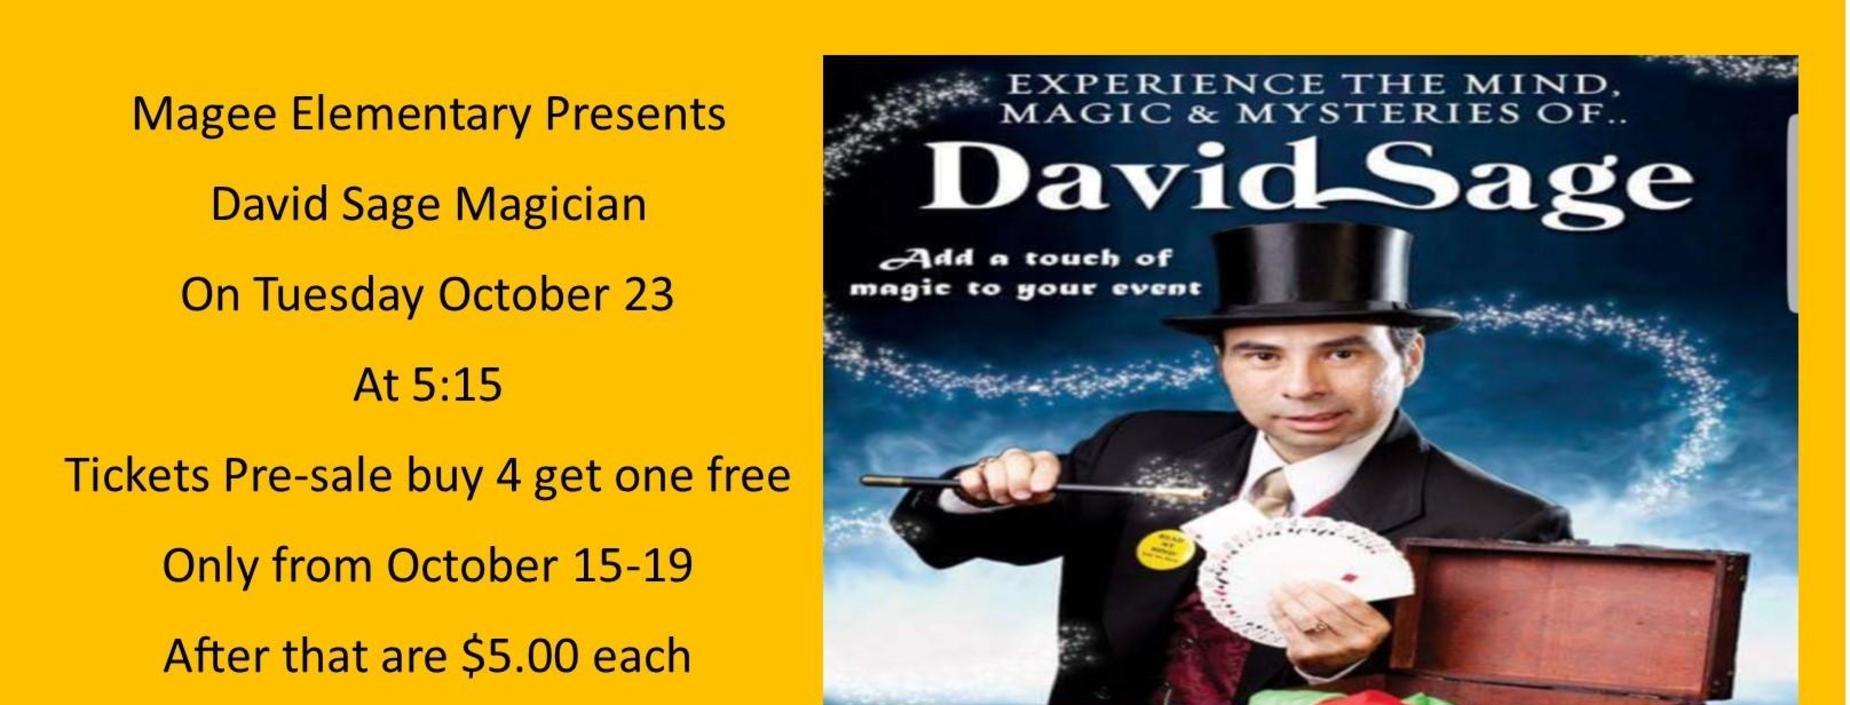 david sage magician